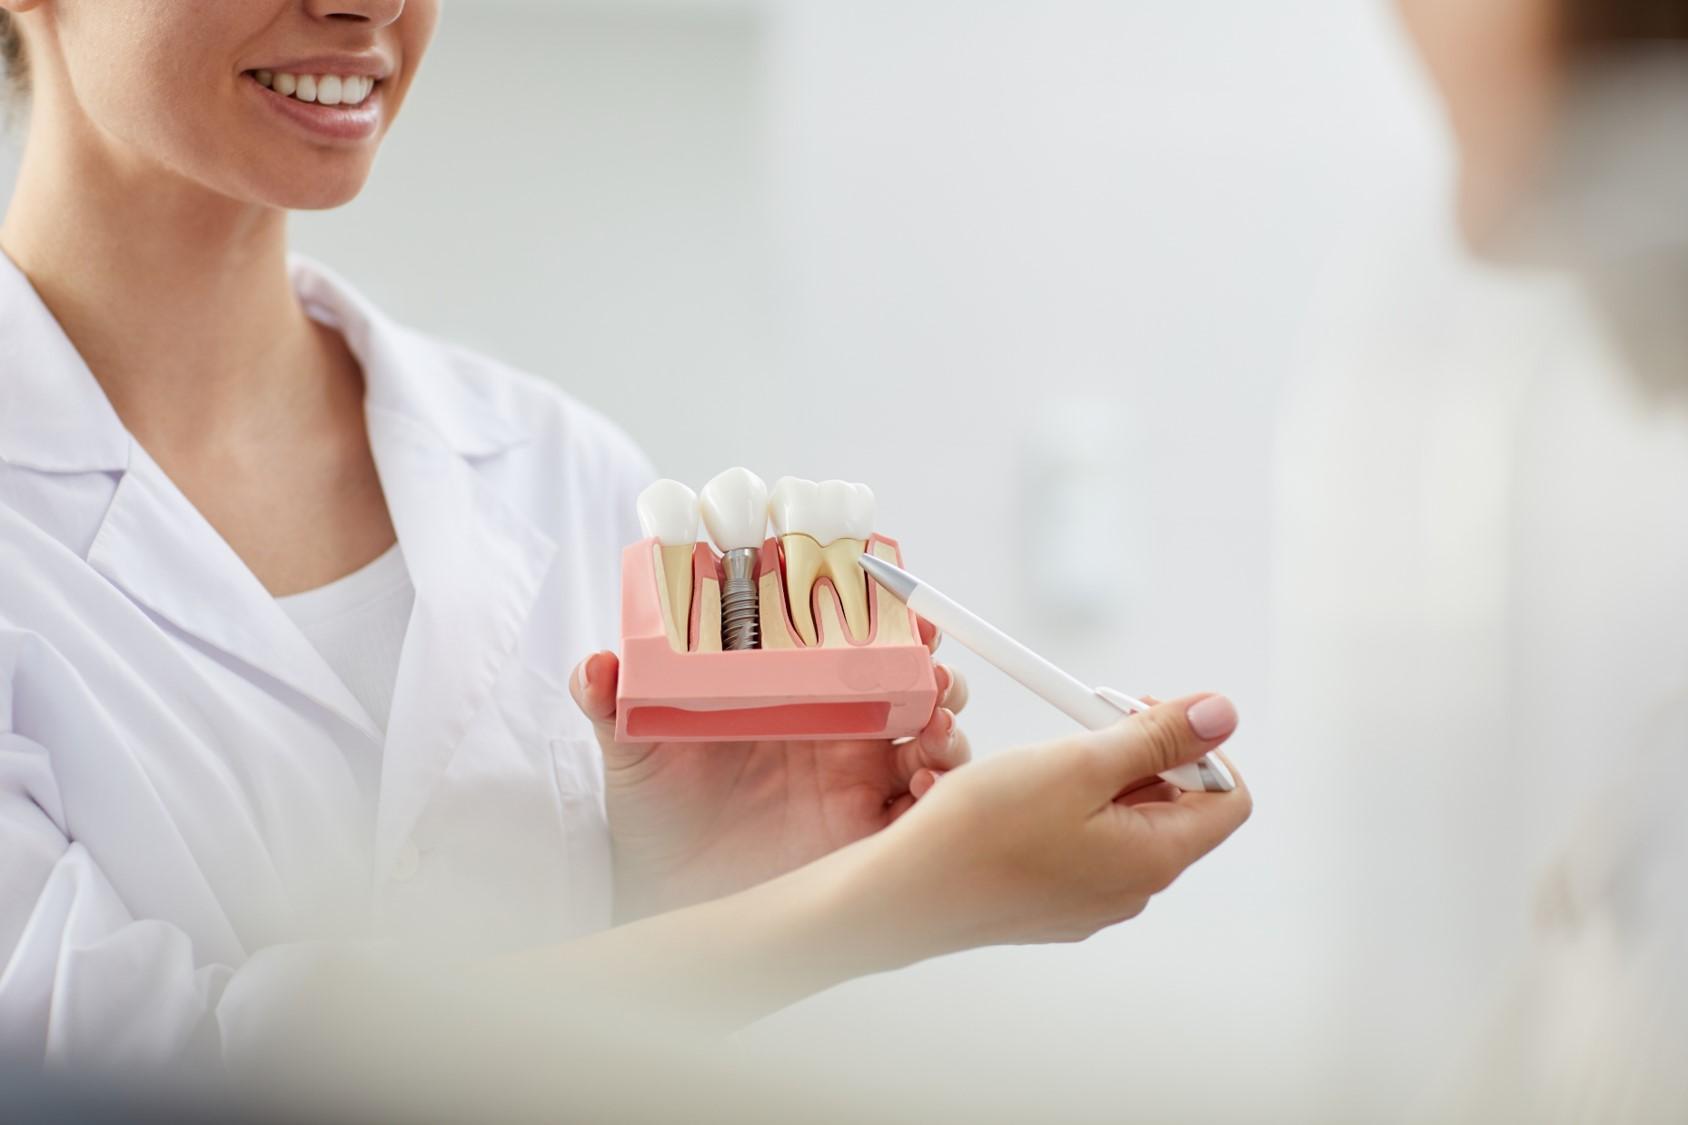 Όσα πρέπει να ξέρετε για τα οδοντικά εμφυτεύματα